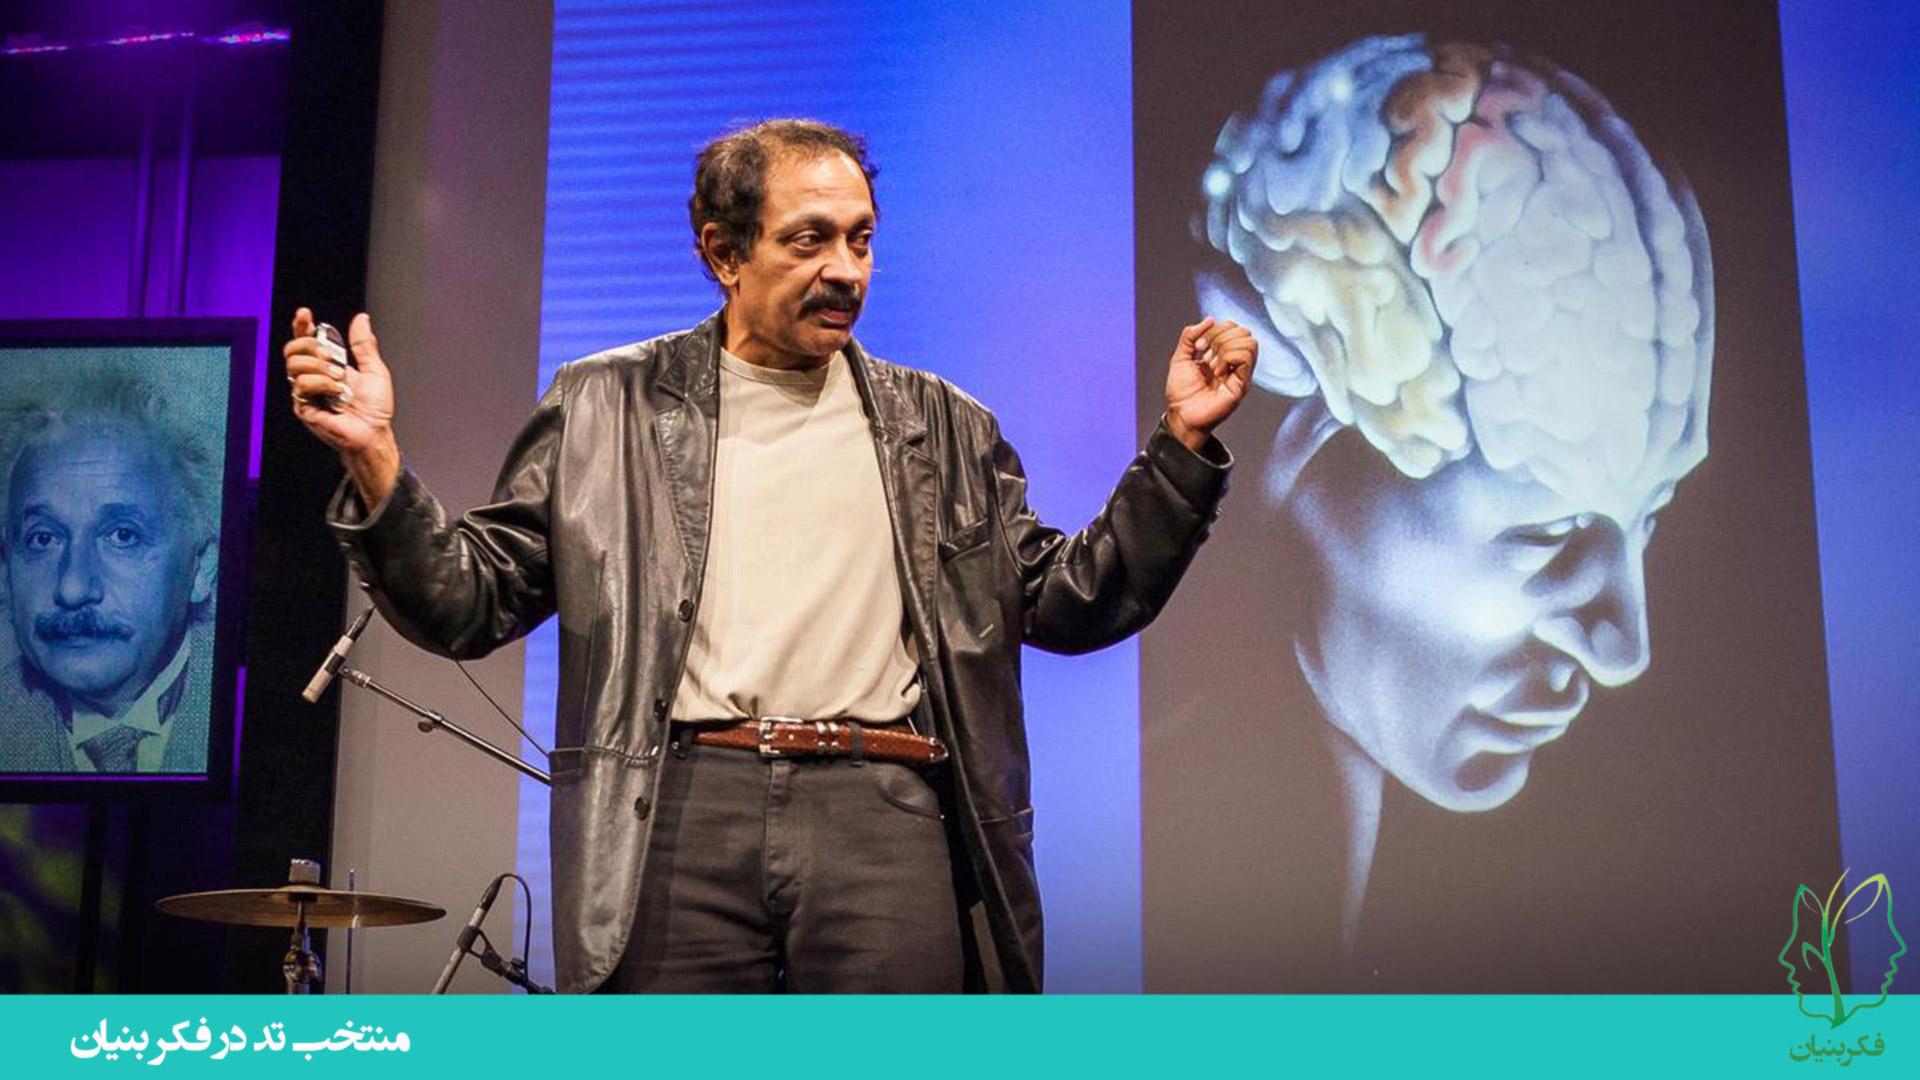 سه سر نخ برای درک بهتر مغز